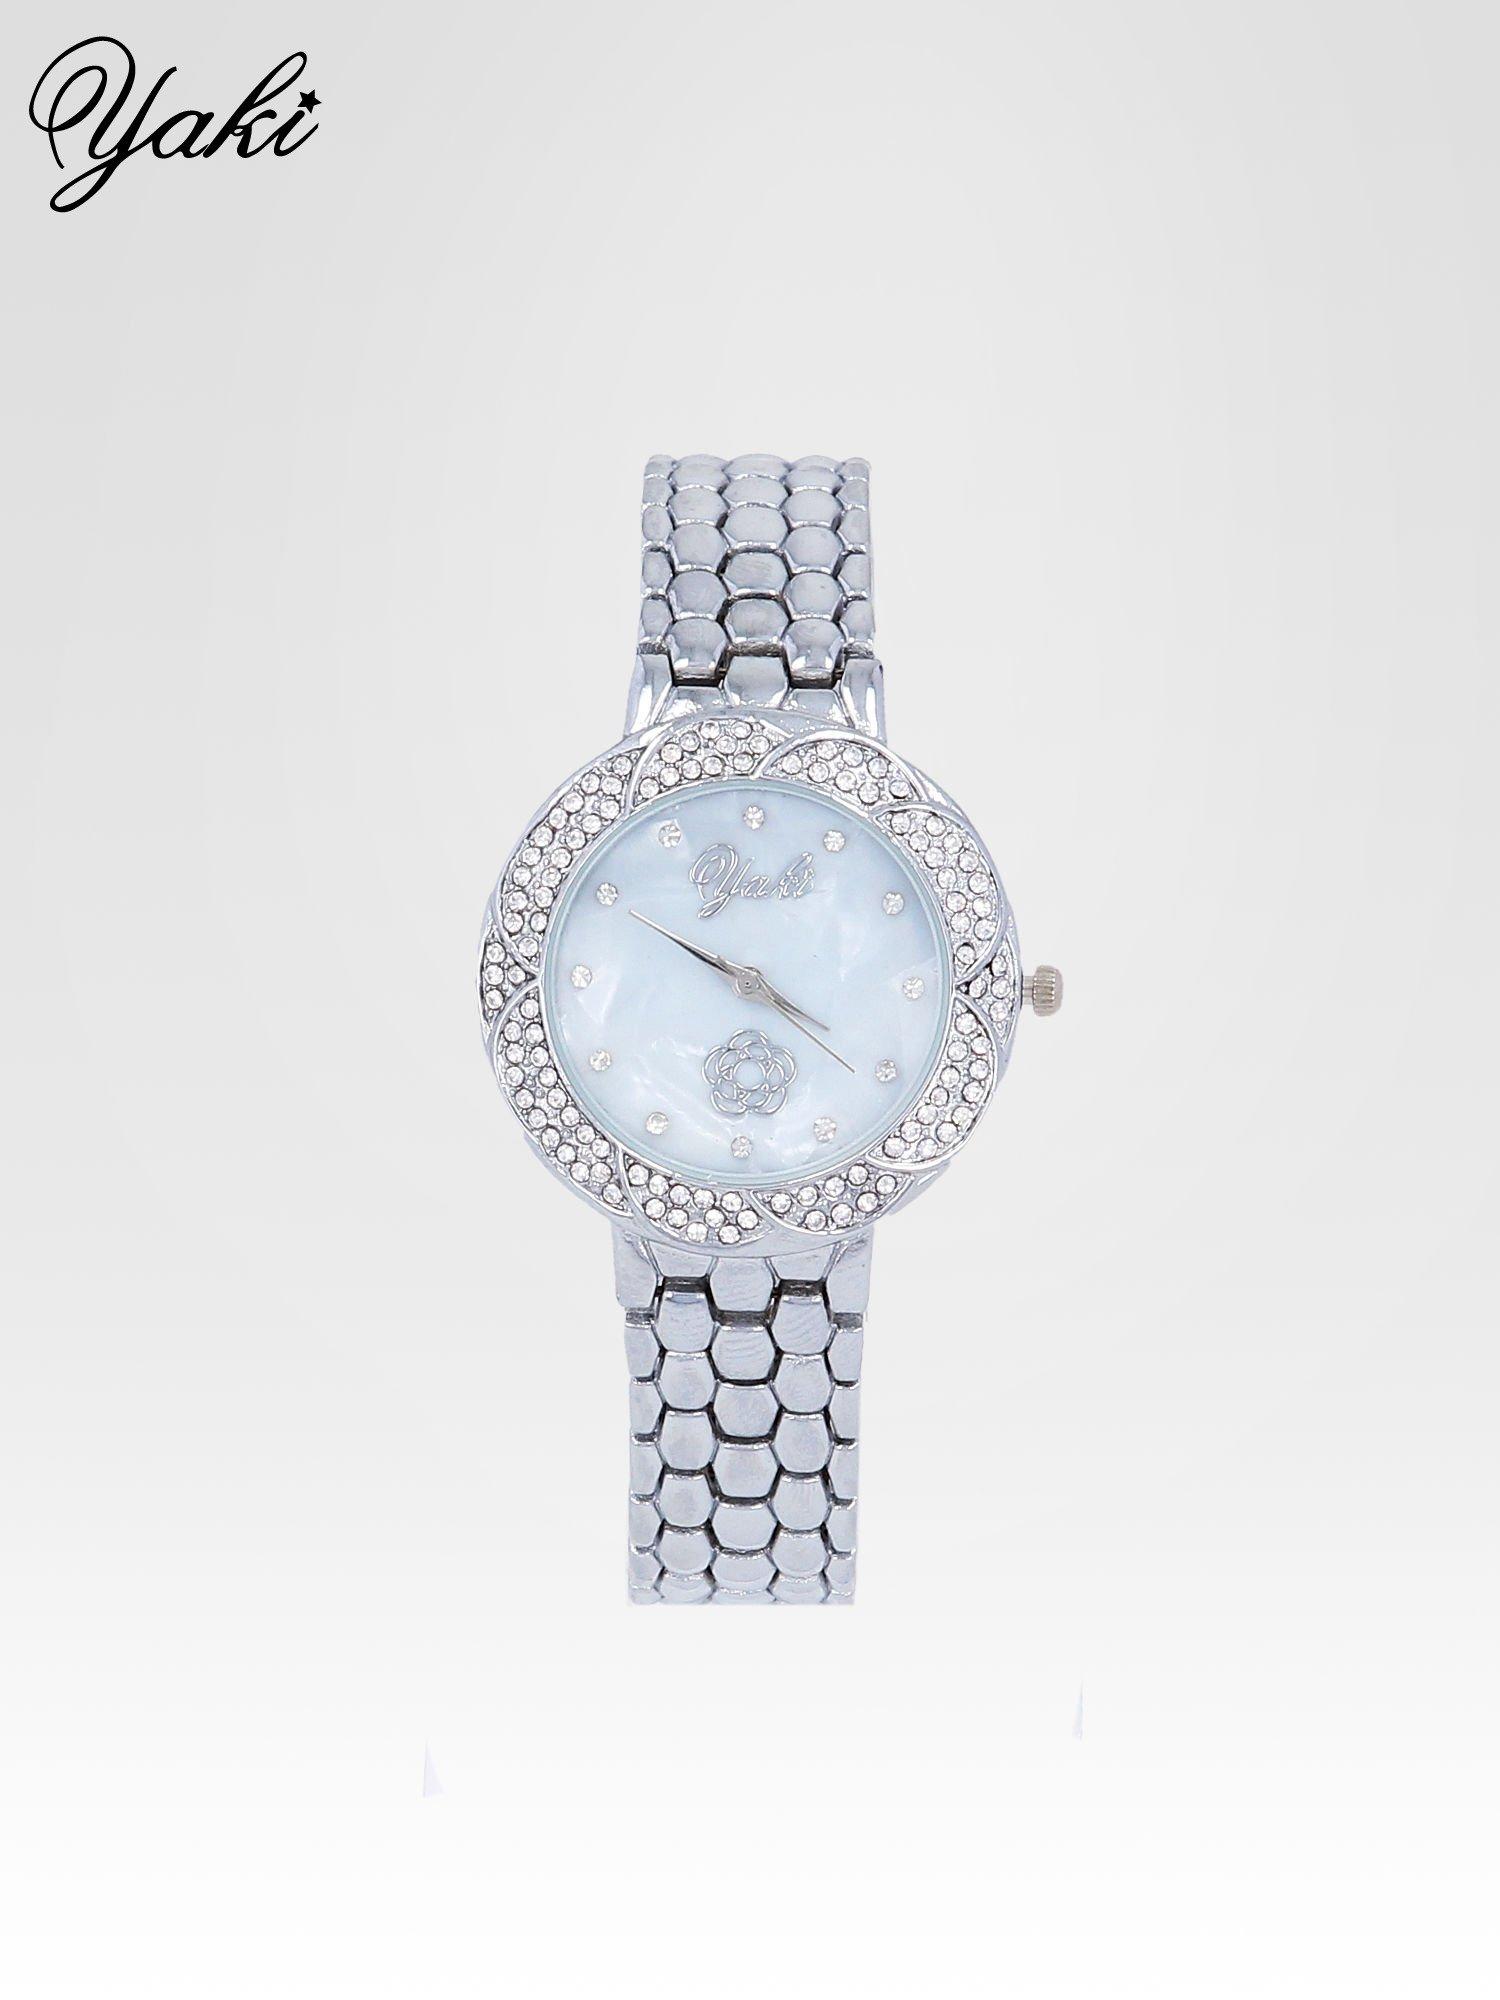 Zegarek damski z cryrkoniową kopertą w kolorze srebra                                  zdj.                                  1